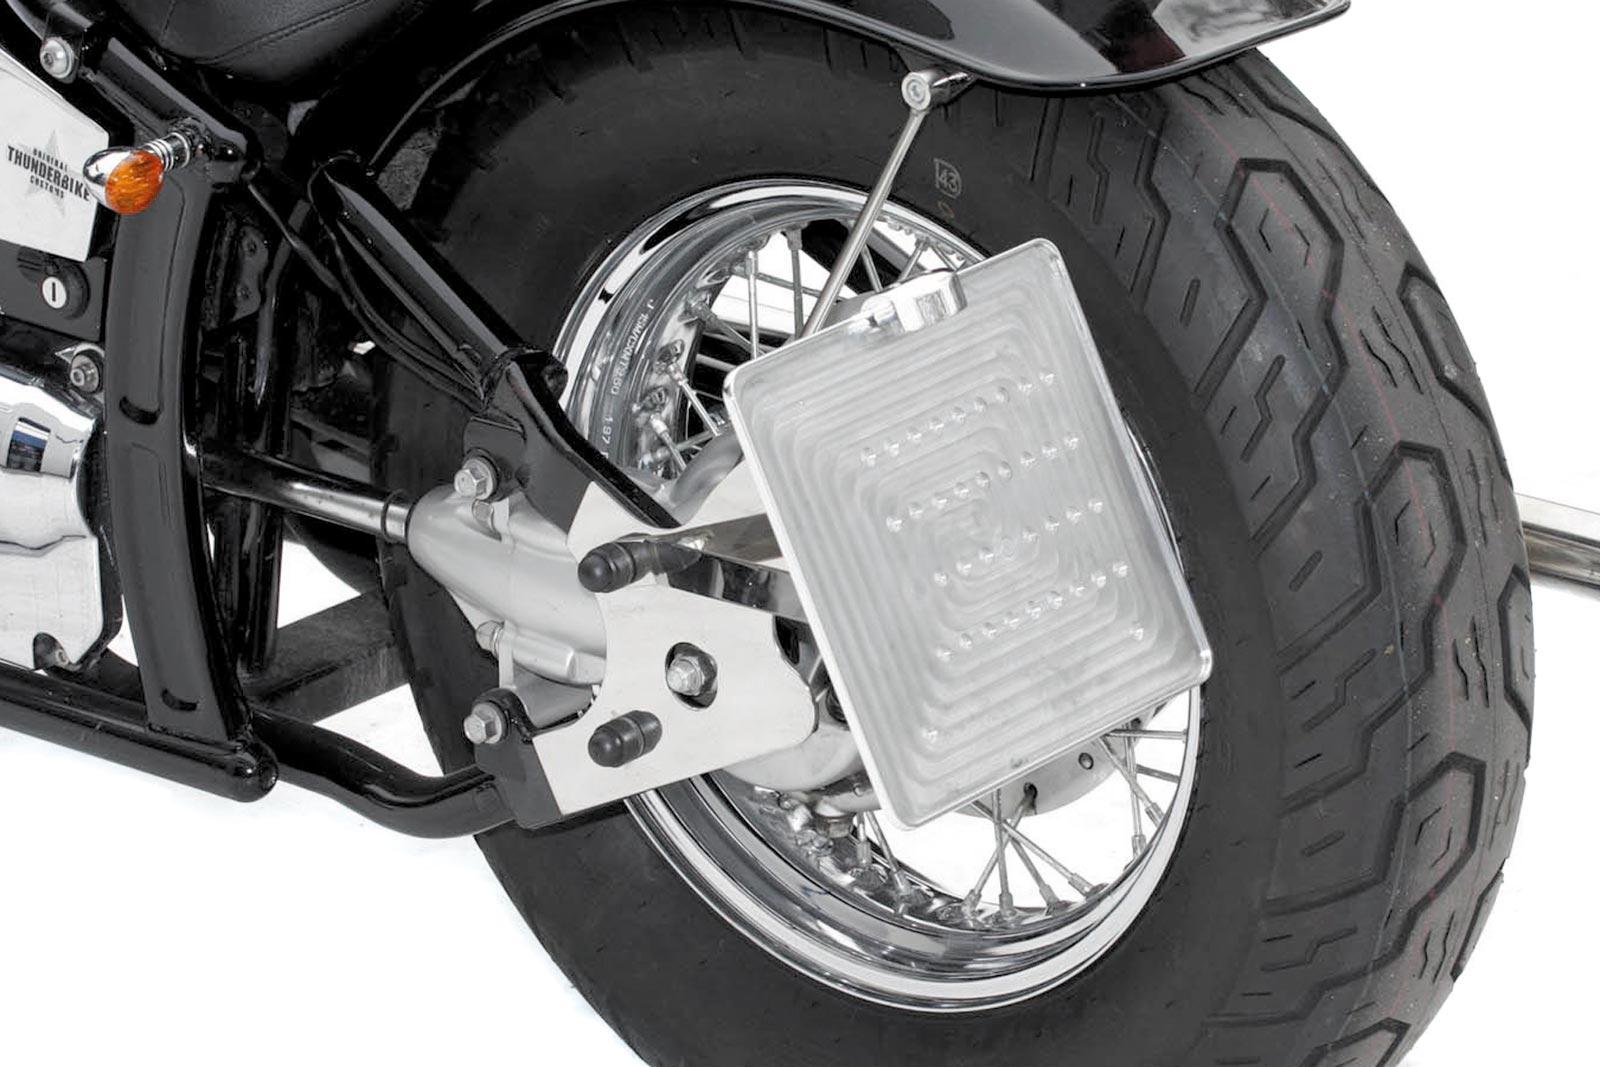 Motorrad Seitlicher Kennzeichenhalter License Plate Holder Chopper Universal